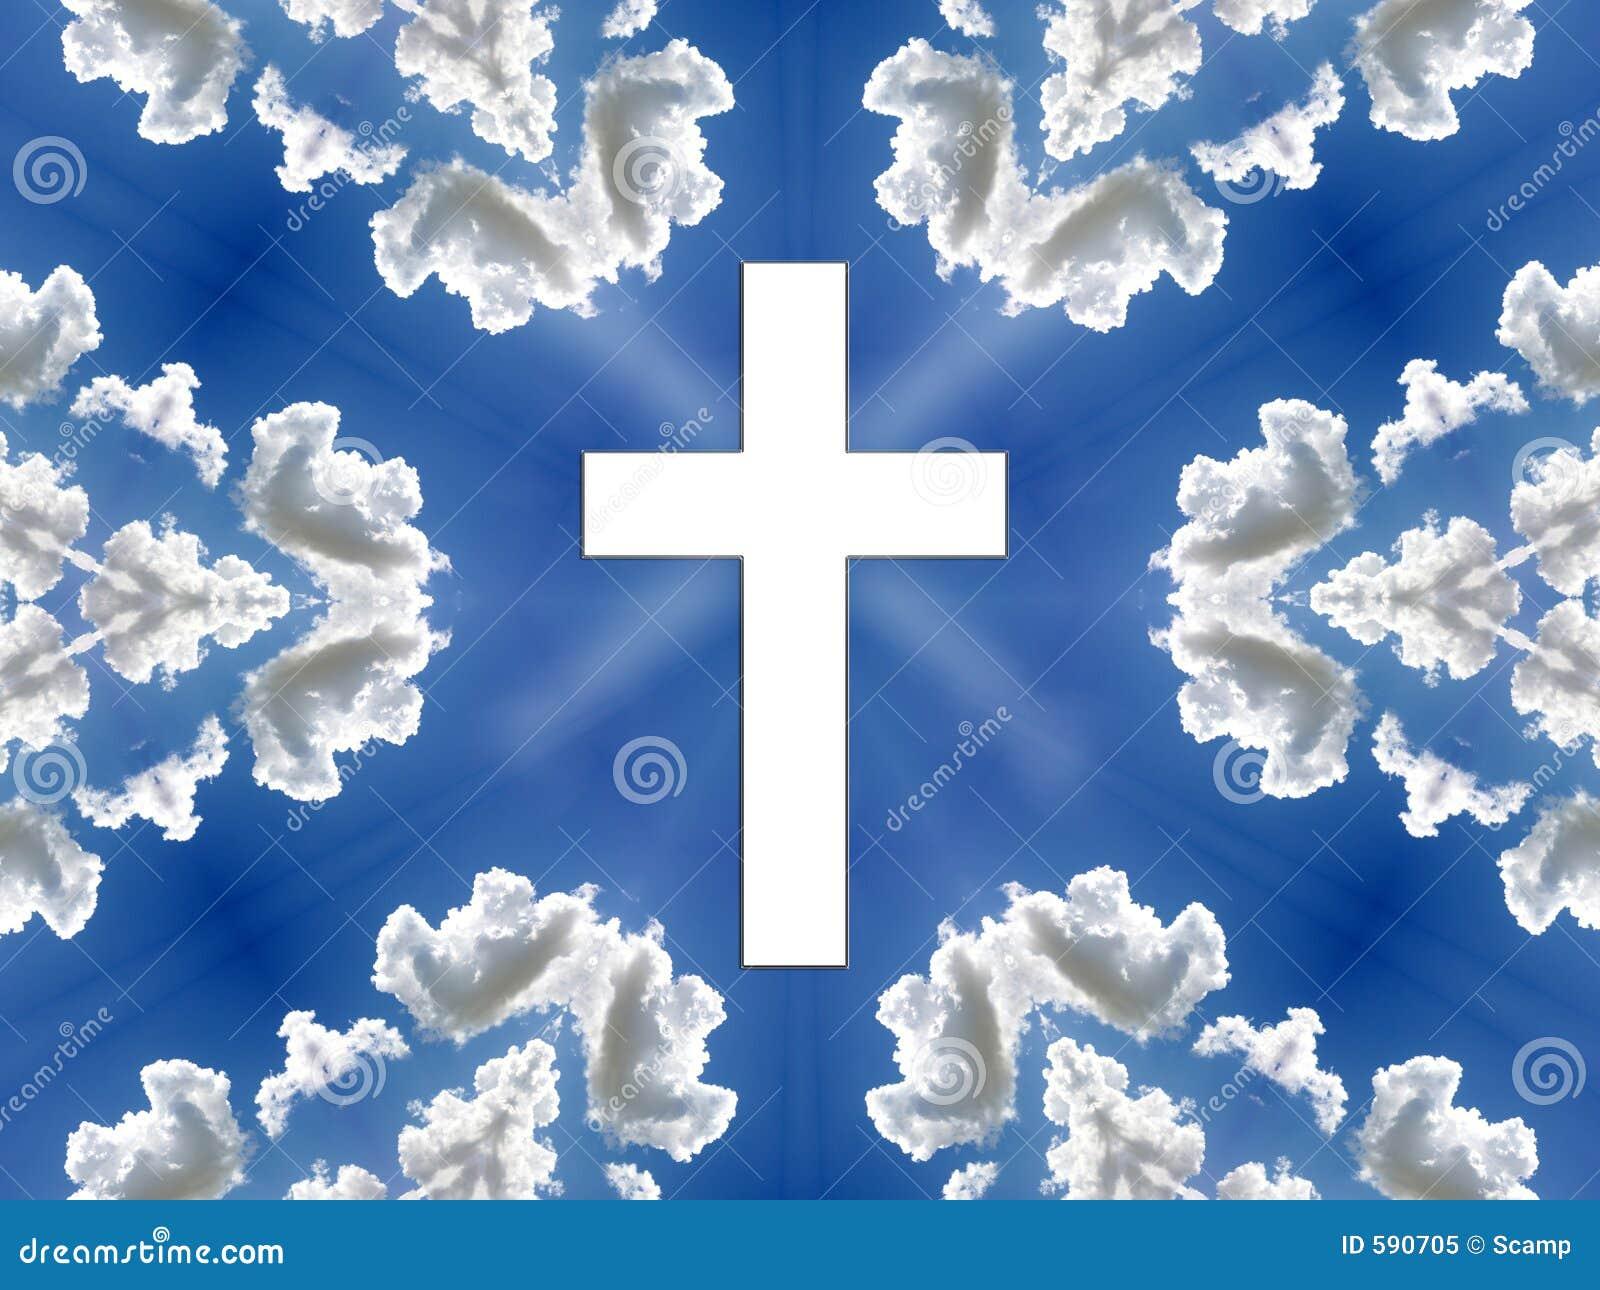 Hemel blauwe hemel wolken kruis godsdienstige godsdienst